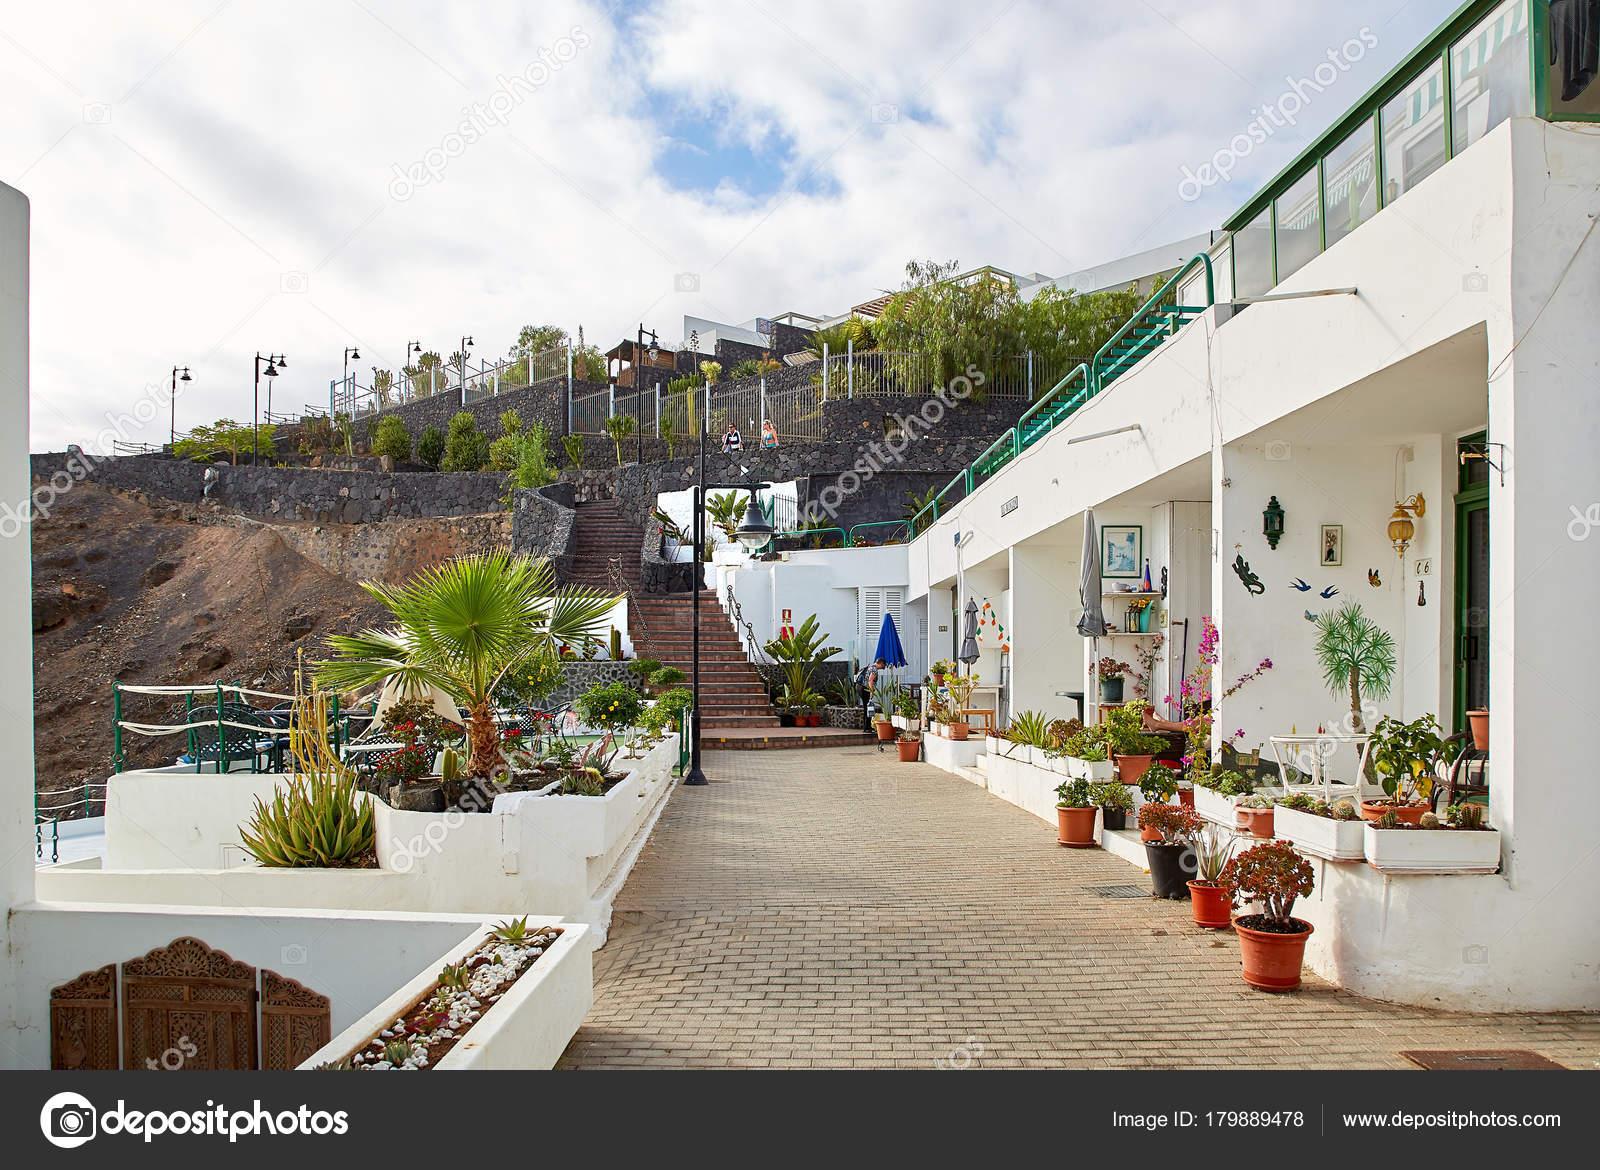 Casas rurales de la ciudad de puerto del carmen en la - Casas rurales en la costa ...